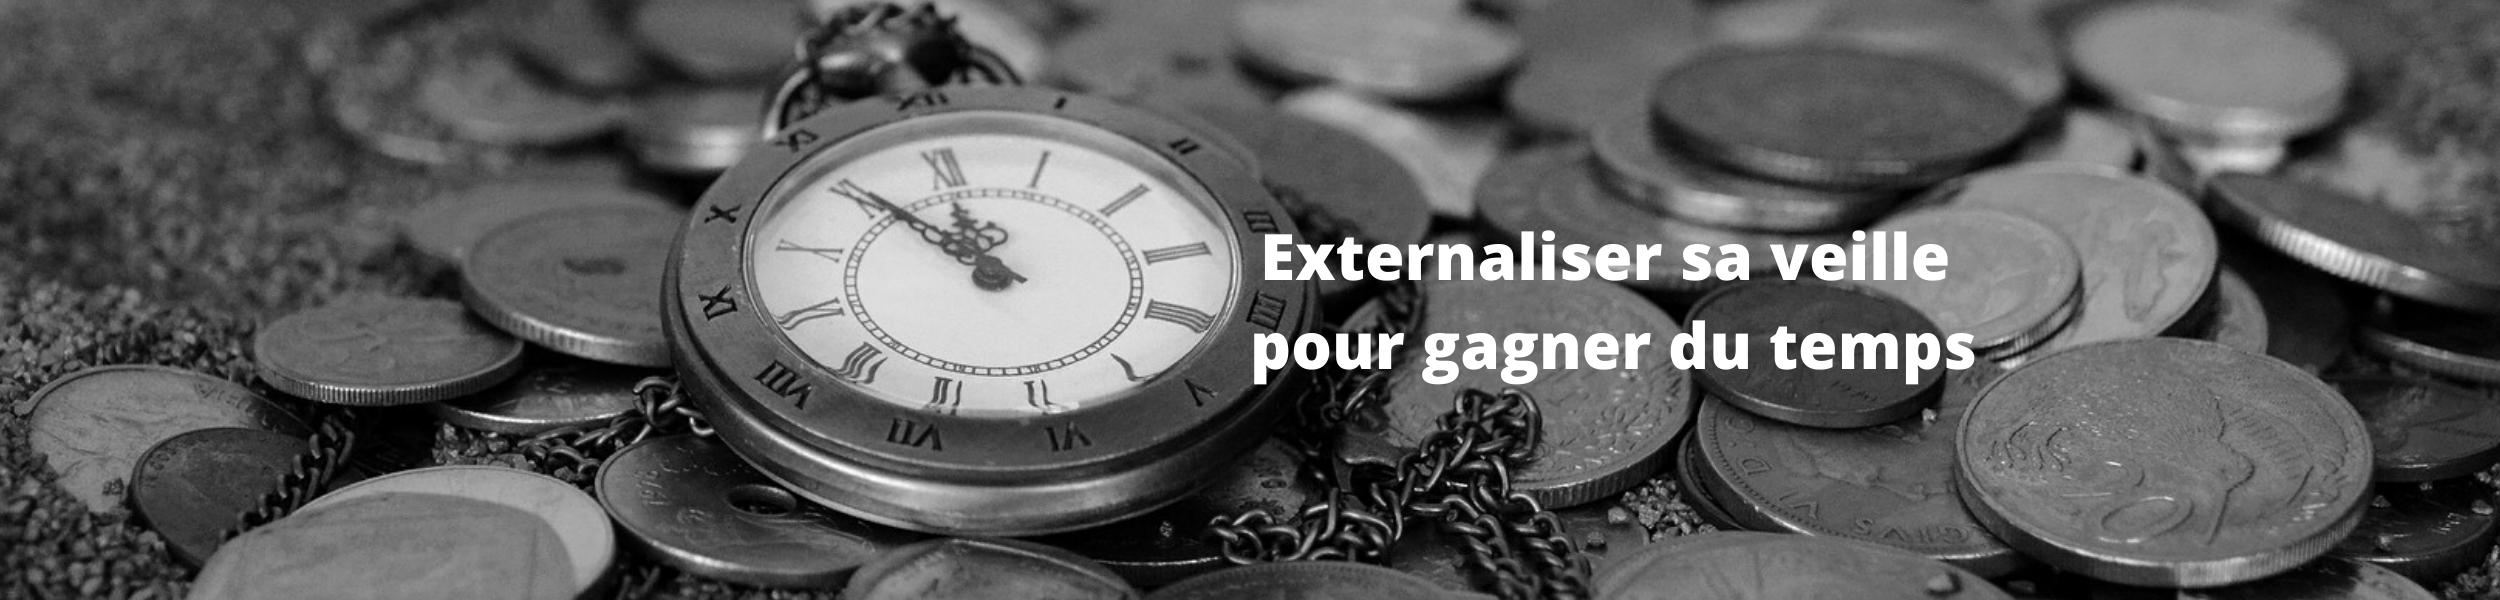 externaliser sa veille pour gagner du temps - le temps c'est de l'argent